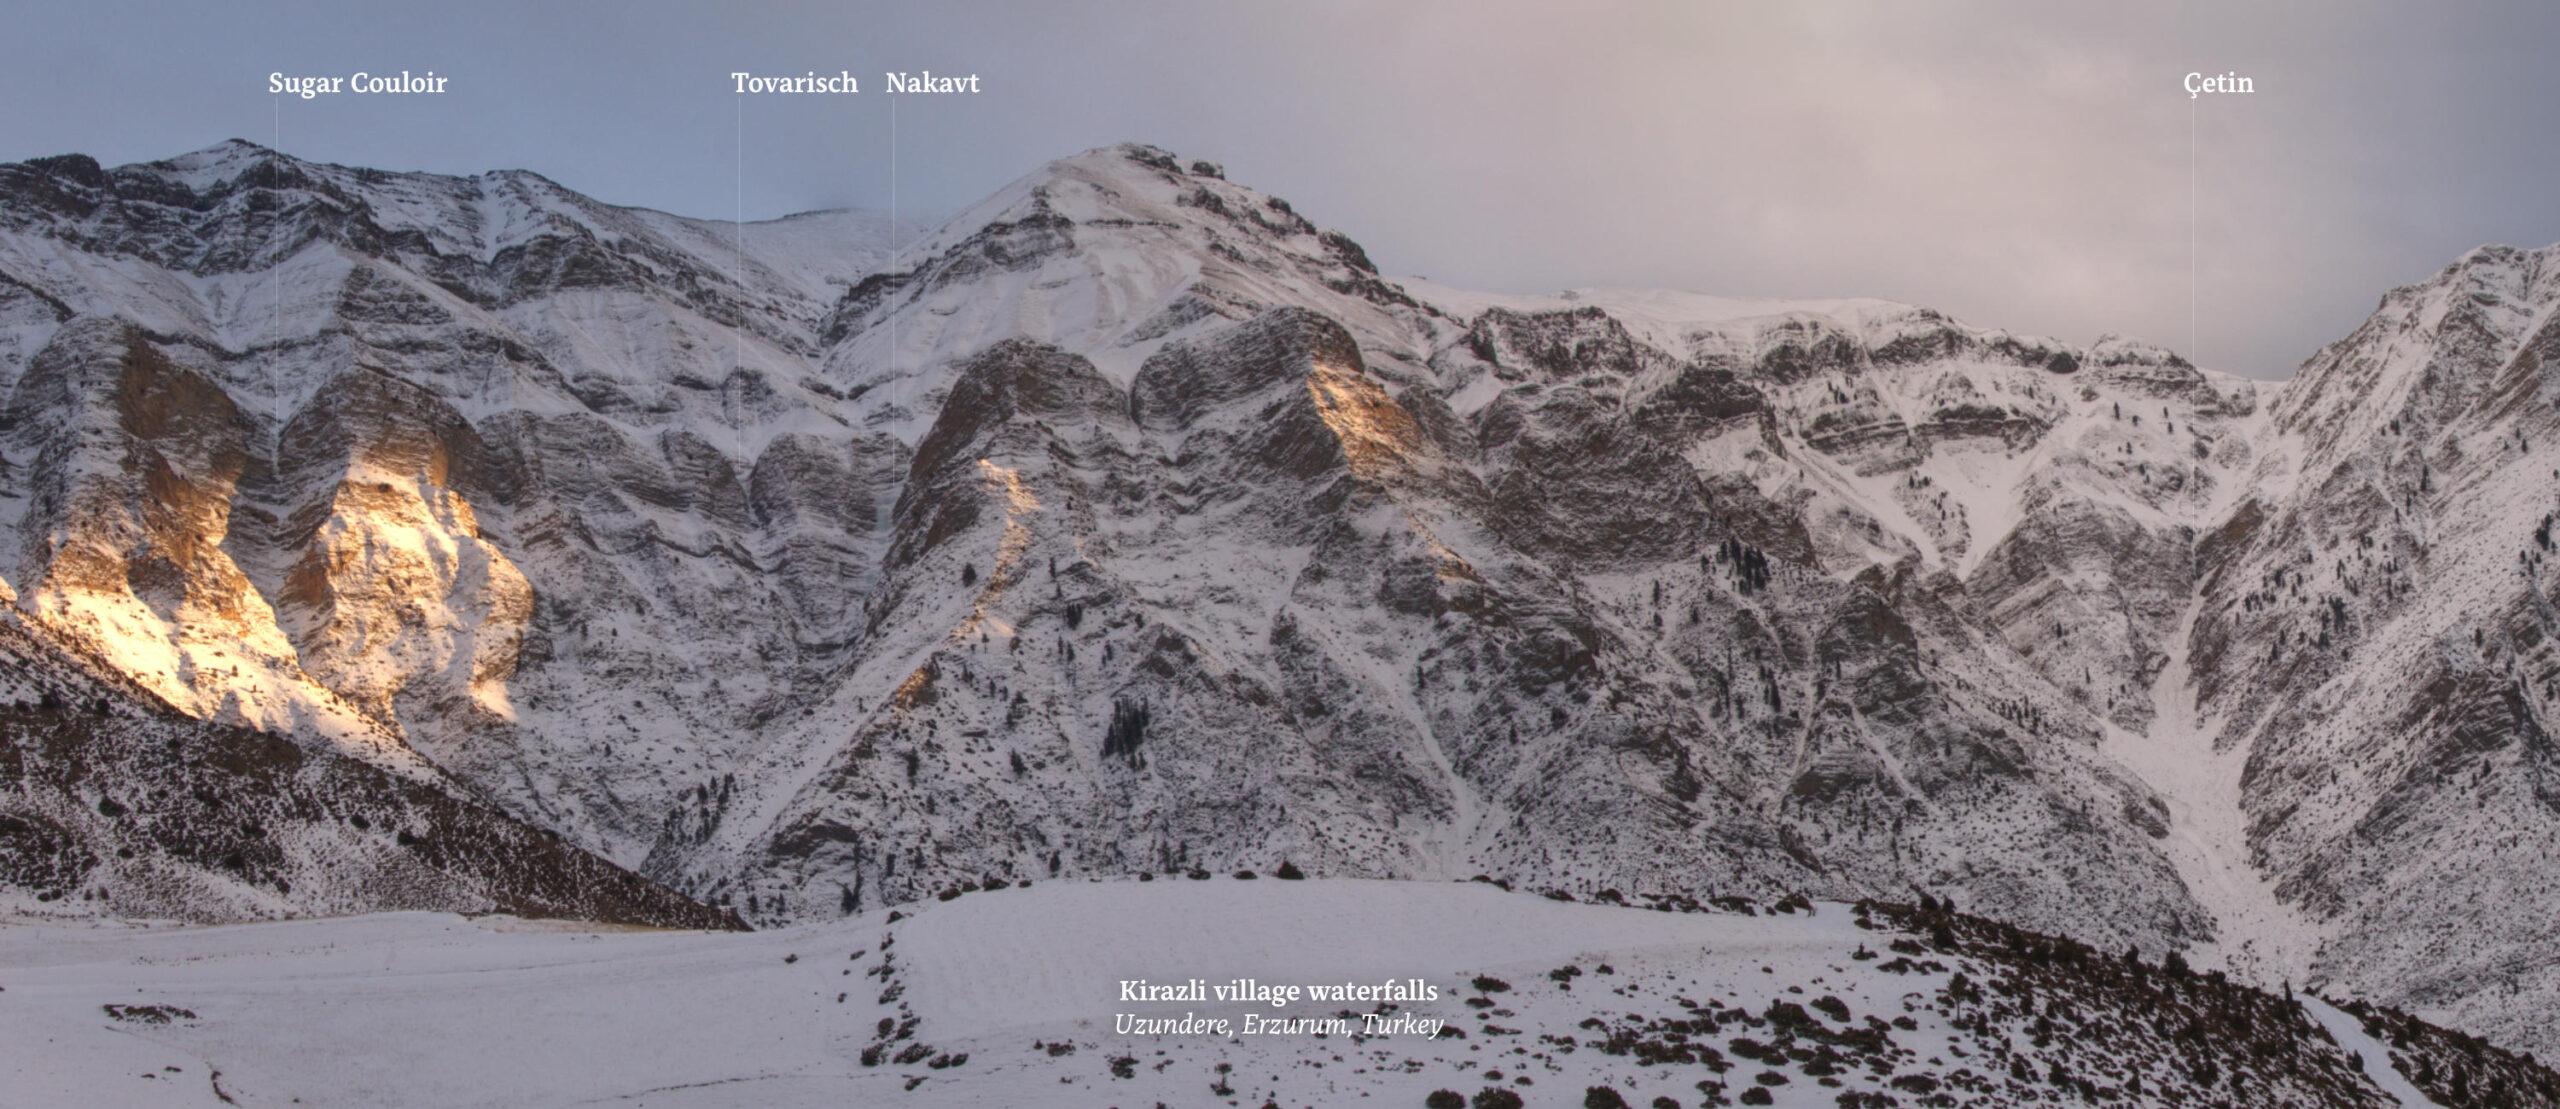 Маршруты на склонах Гюлю Тепе над деревней Кыразлы